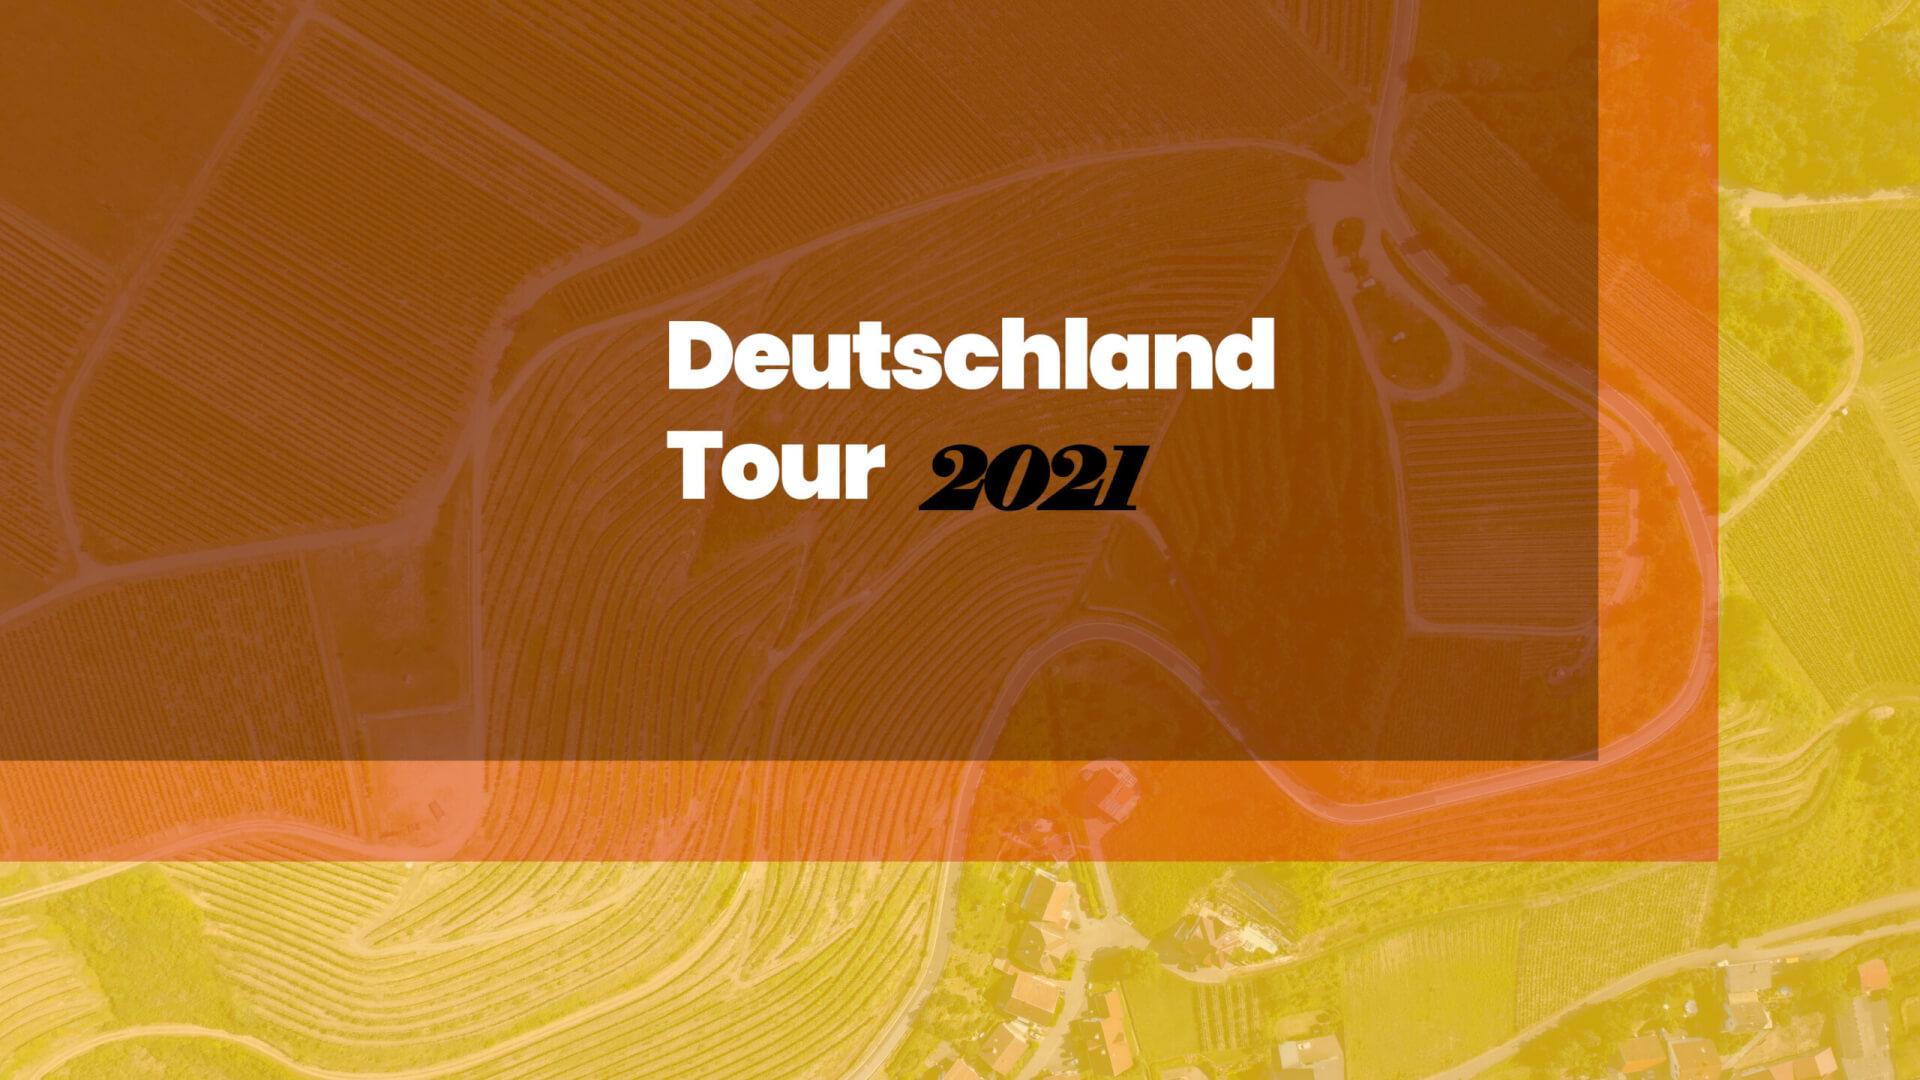 deutschlandtour